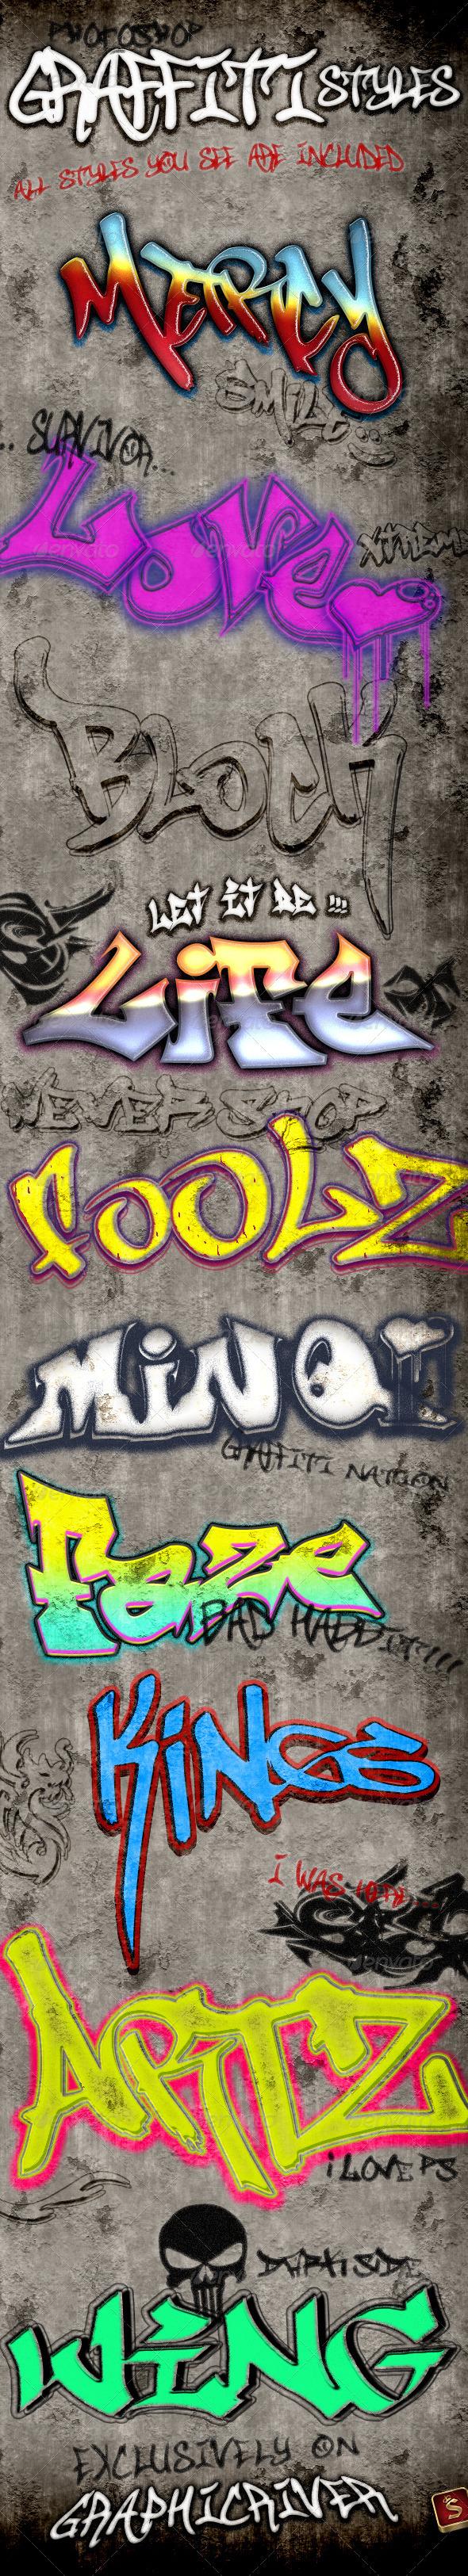 GraphicRiver Graffiti Styles 3528850